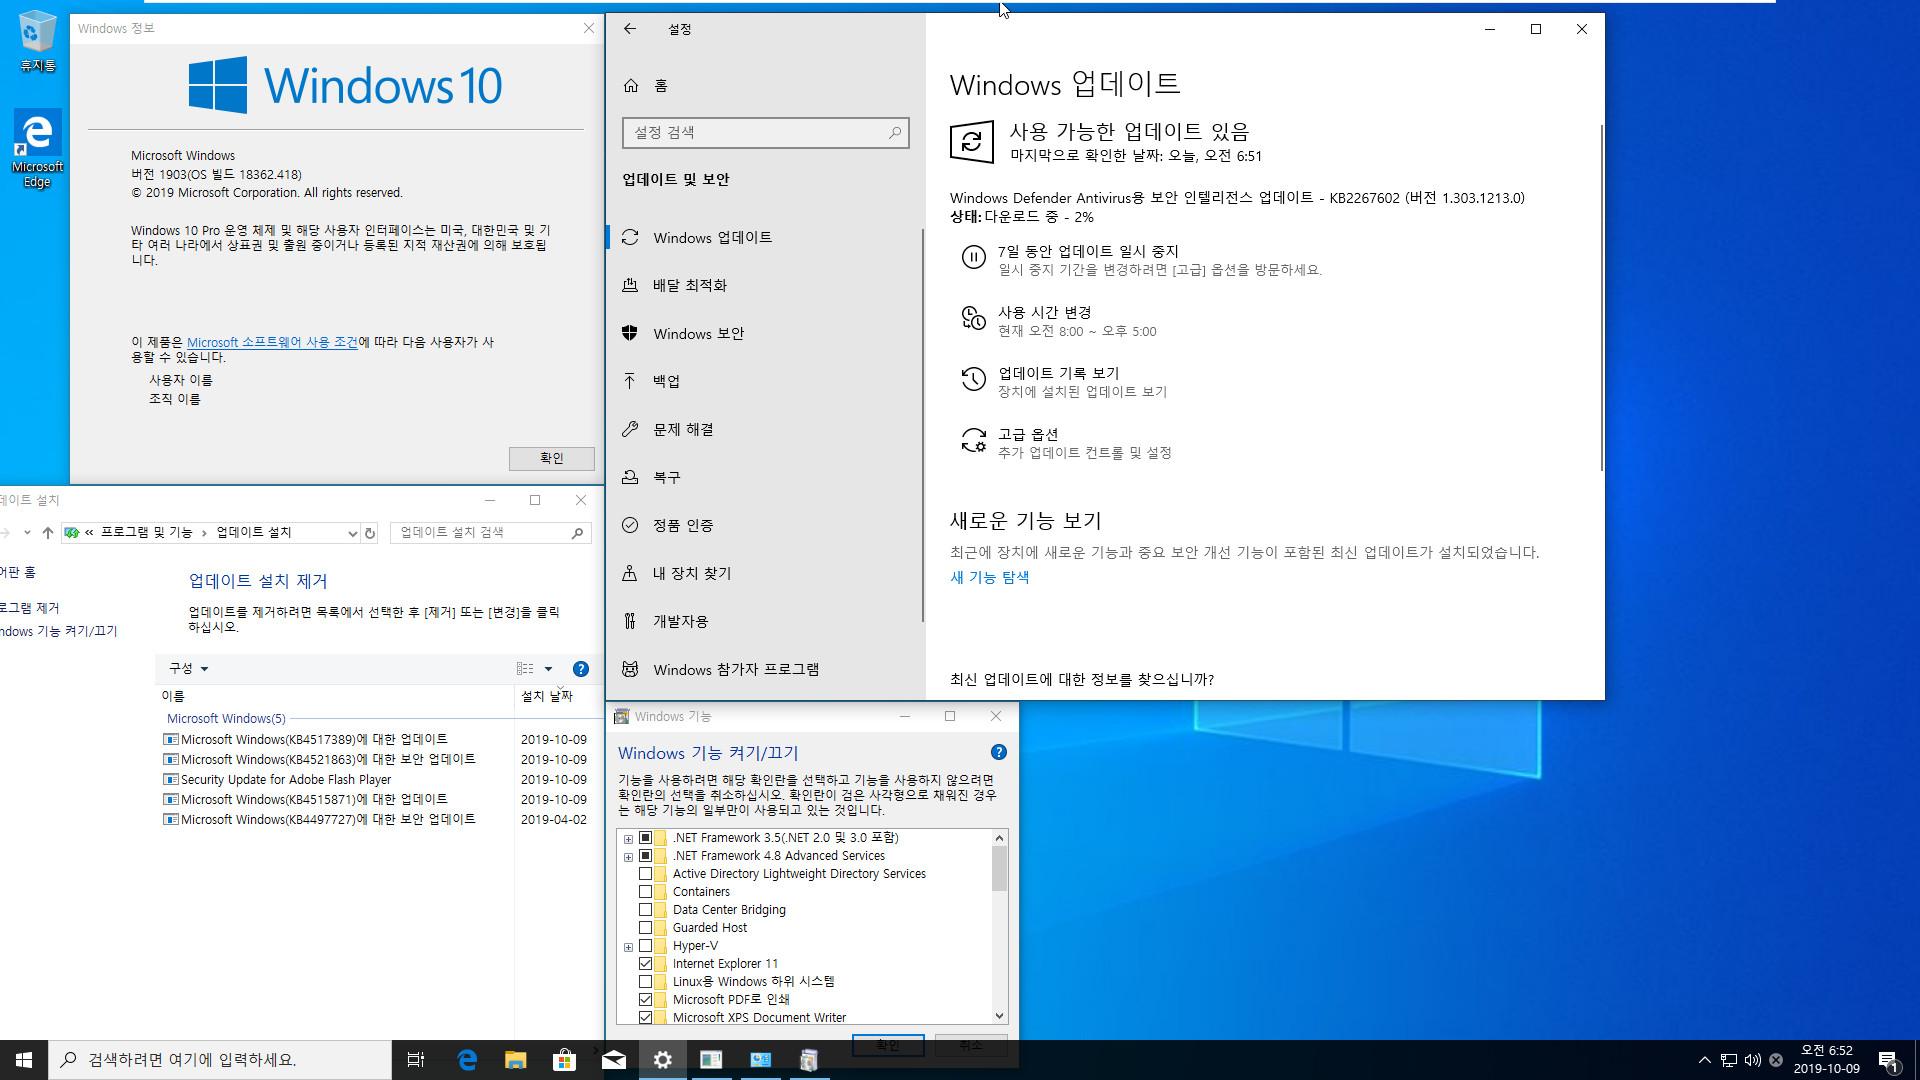 2019년 10월 9일 정기 업데이트 나왔네요 - Windows 10 버전 1903 누적 업데이트 KB4517389 (OS 빌드 18362.418) [2019-10-08 일자] - install.wim 통합중 입니다 - 64비트 확인 2019-10-09_065201.jpg